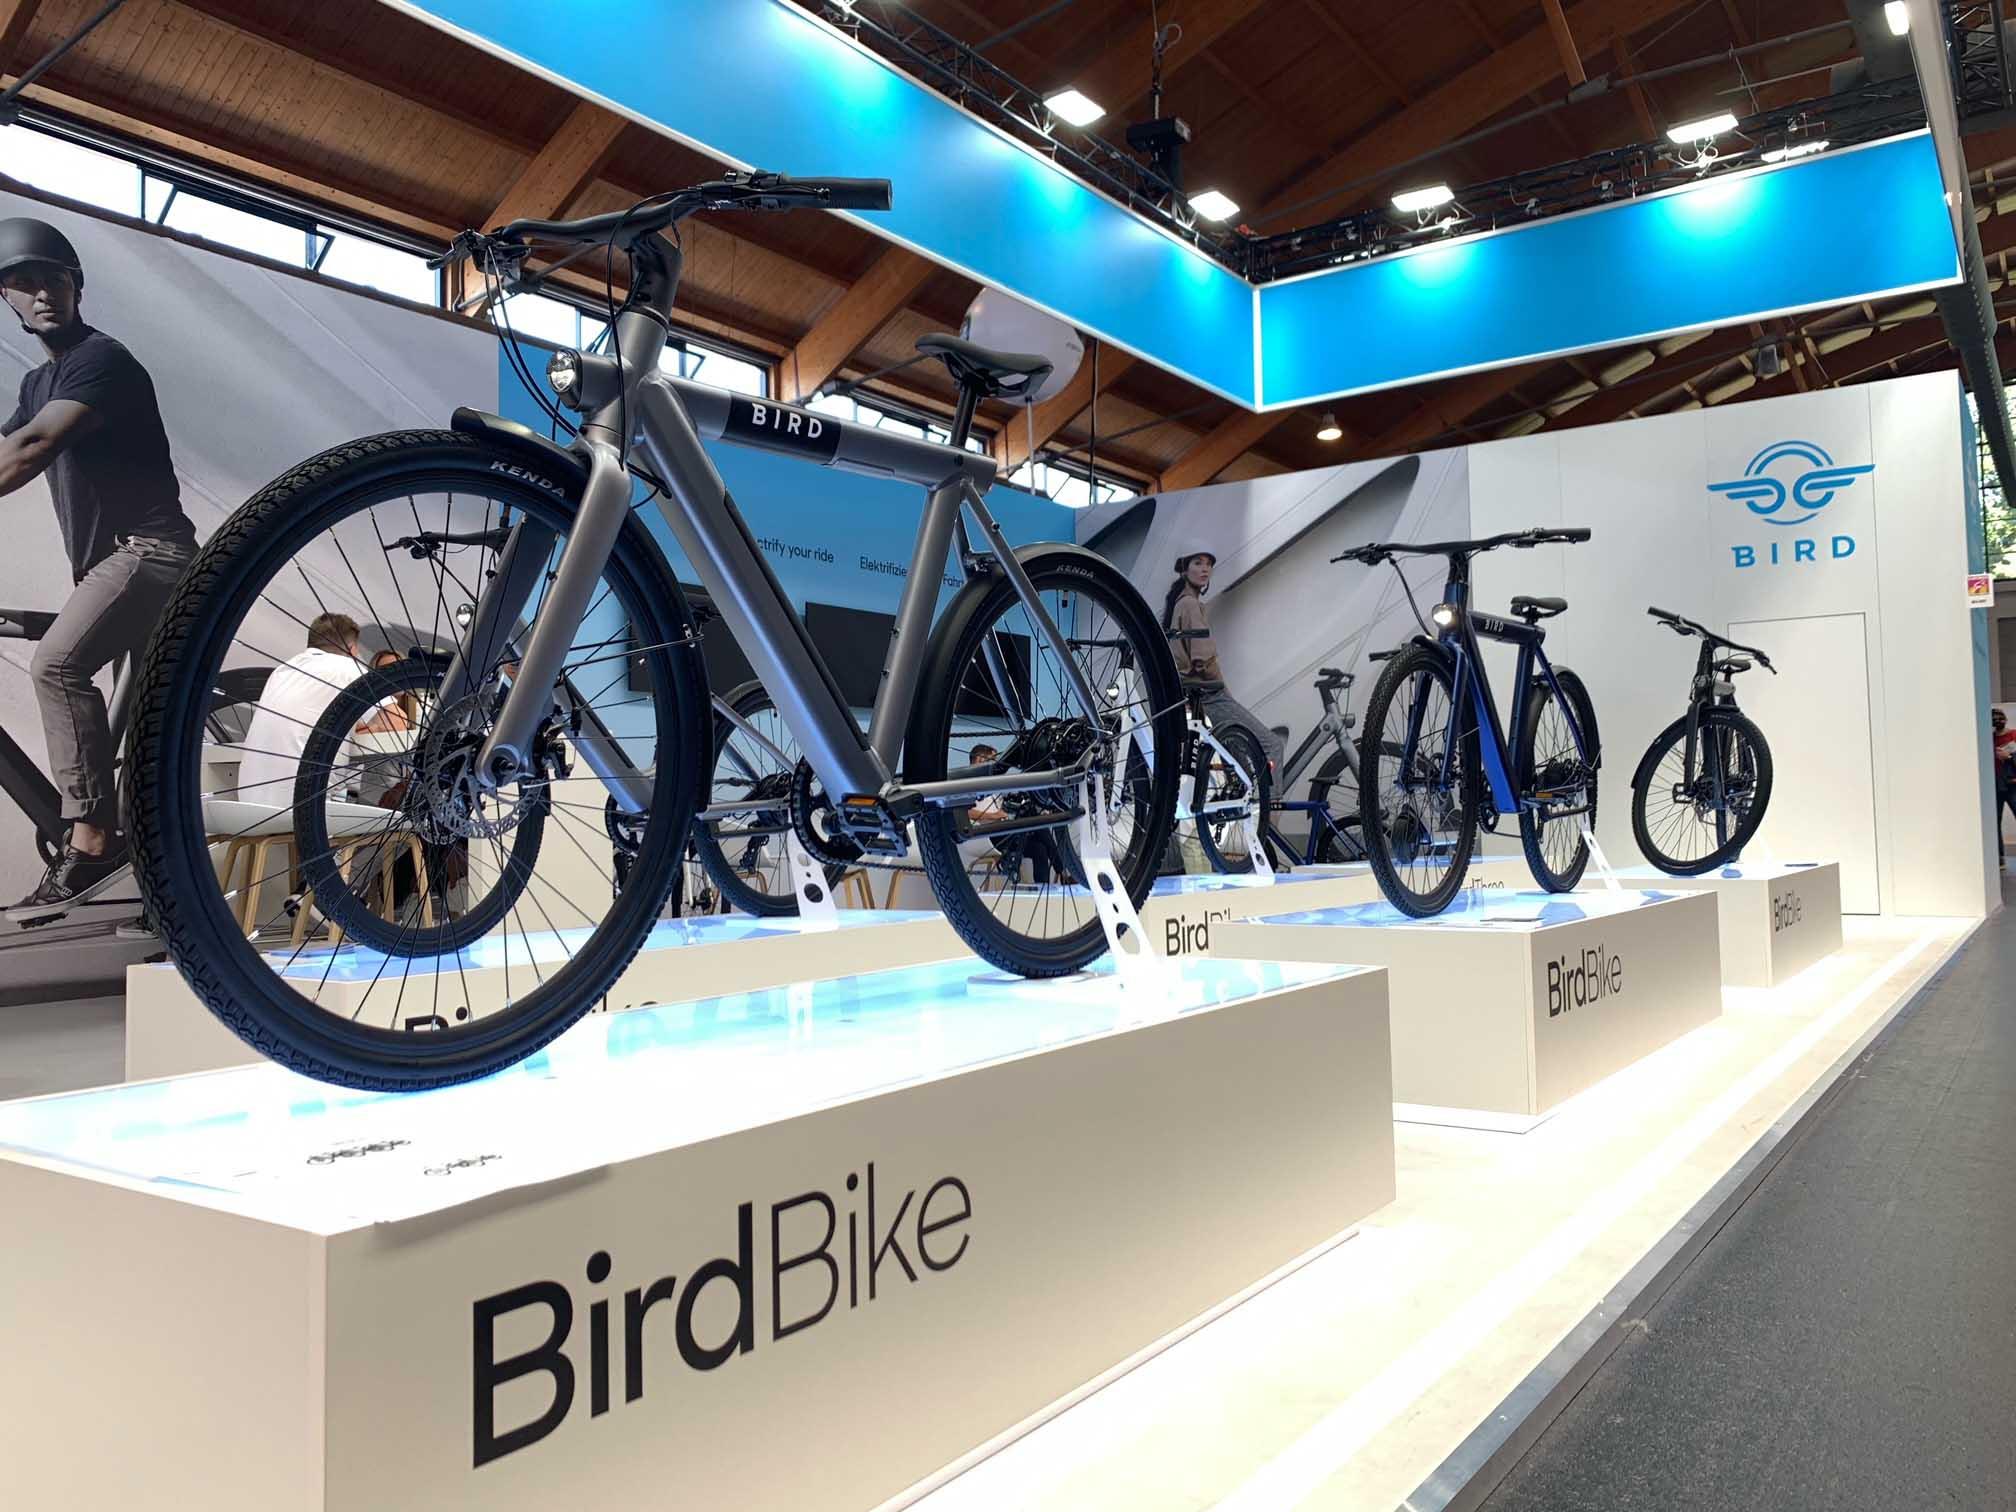 BirdBike at eurobike